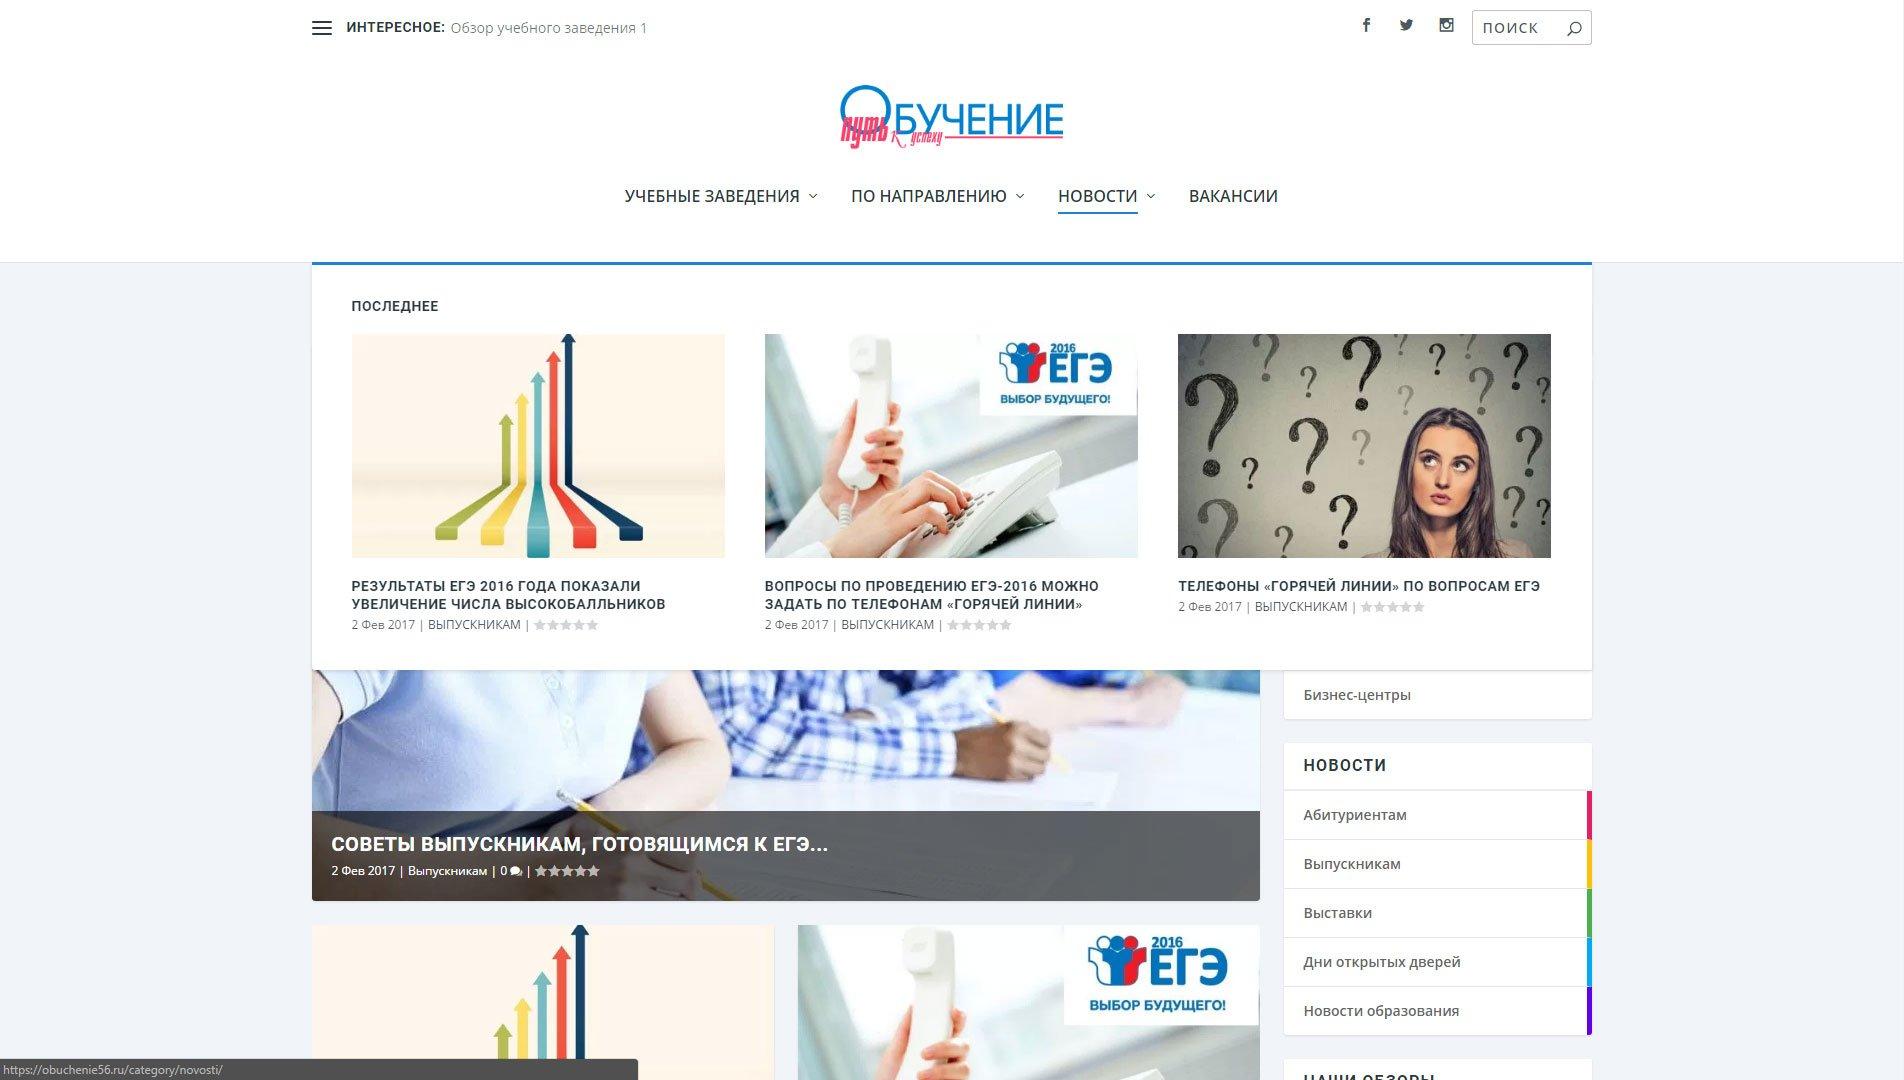 Создание сайта Obuchenie56.ru - Образовательный портал в Оренбурге (8)